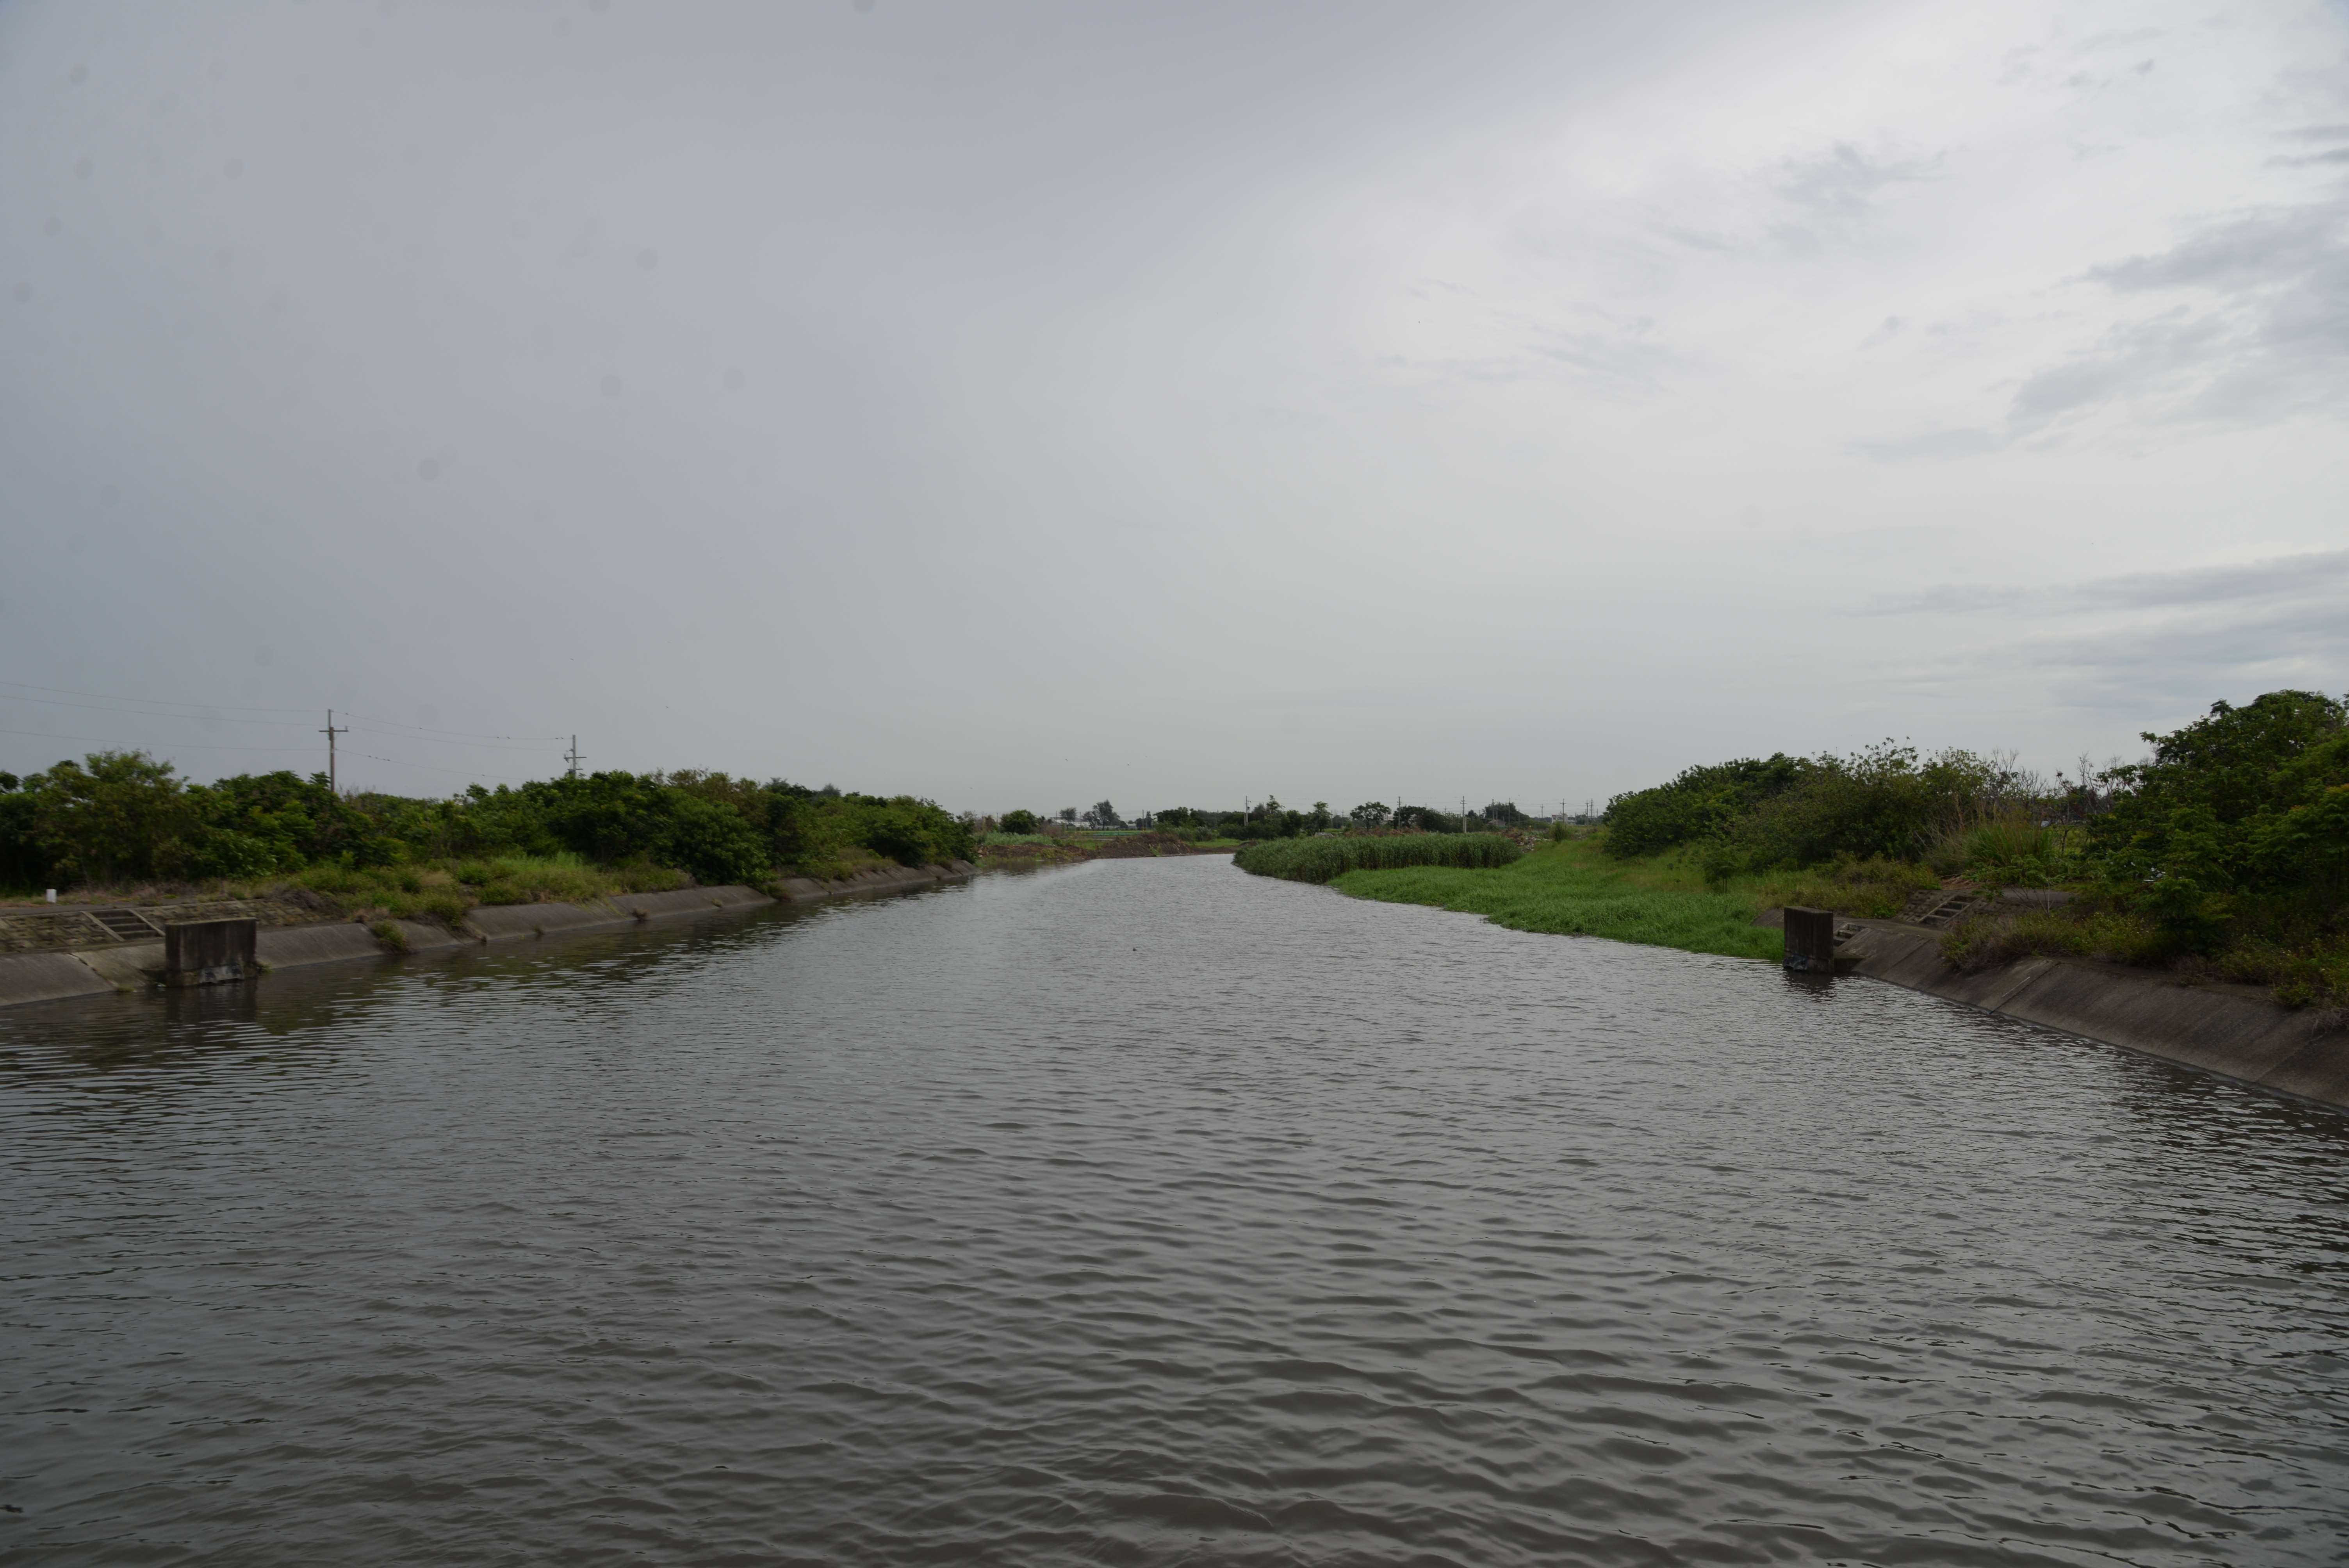 「牛挑灣溪排水牛挑灣橋下游治理工程」,將在水林鄉及四湖鄉牛挑灣溪興建堤防、改善排水路。